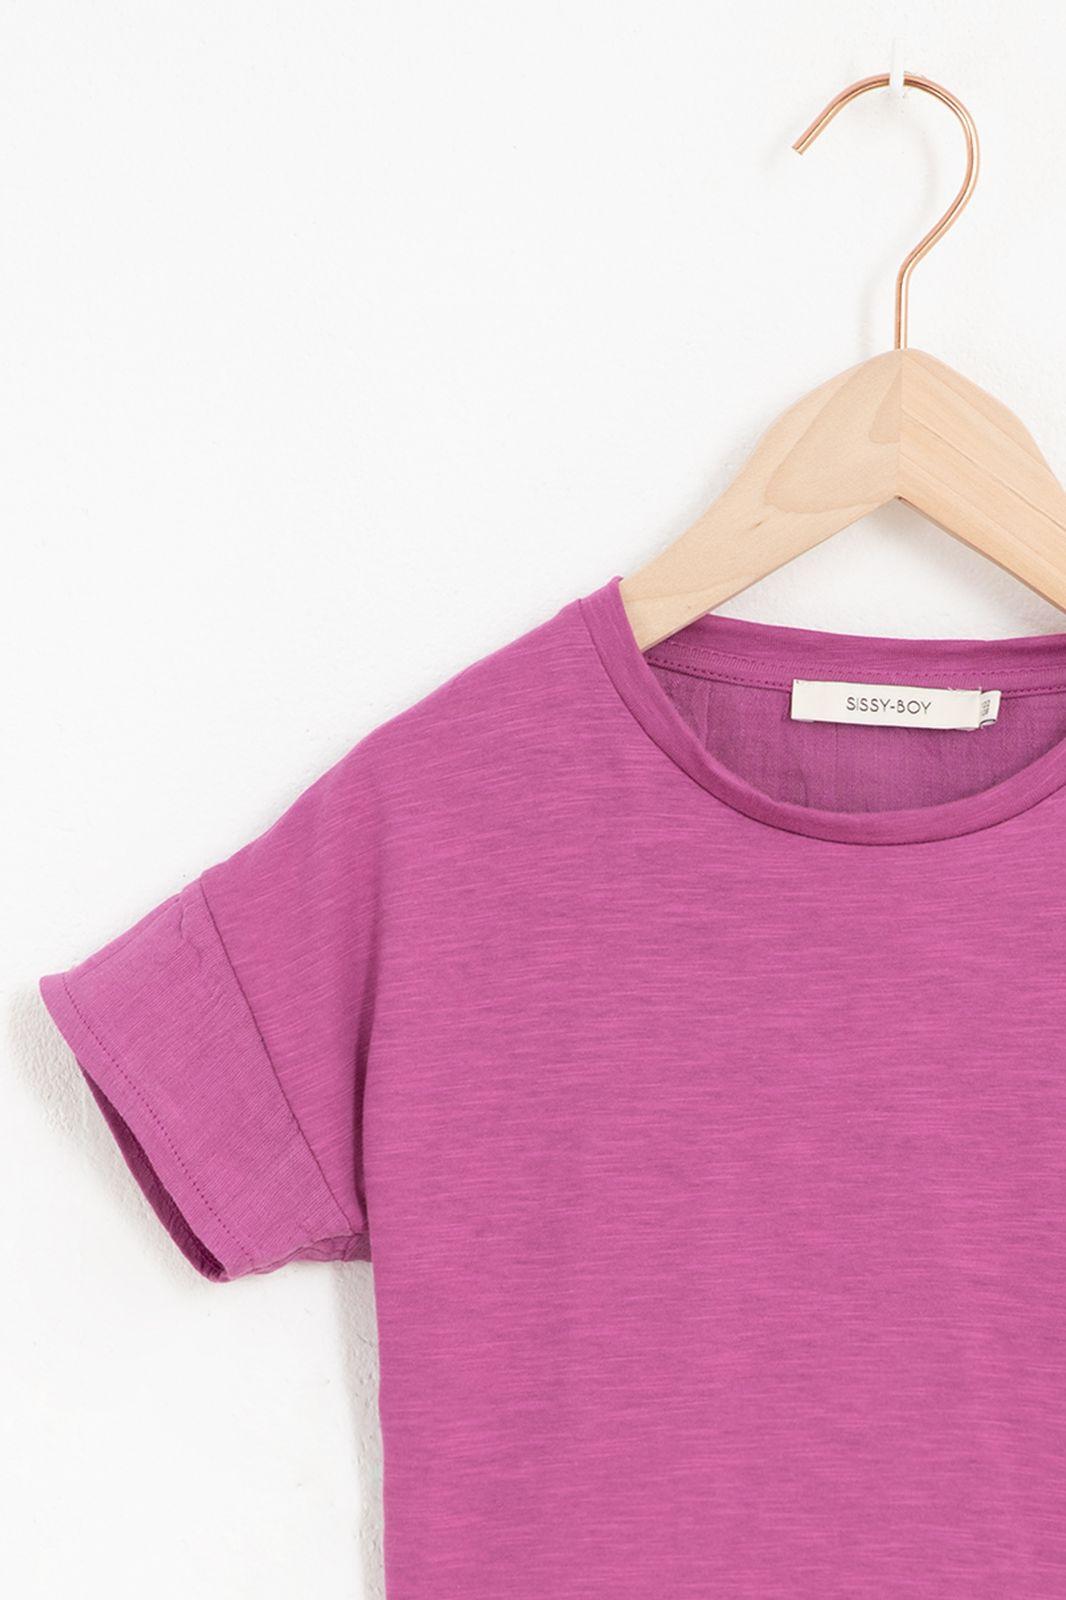 Paars mousseline T-shirt met korte mouw - Kids | Sissy-Boy